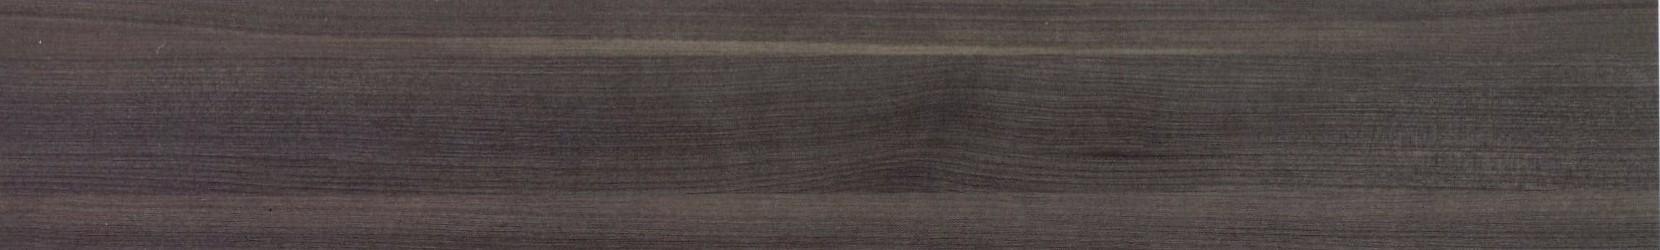 Pavimento laminato floorblock rustico aspetto spazzolato for Aspetto rustico